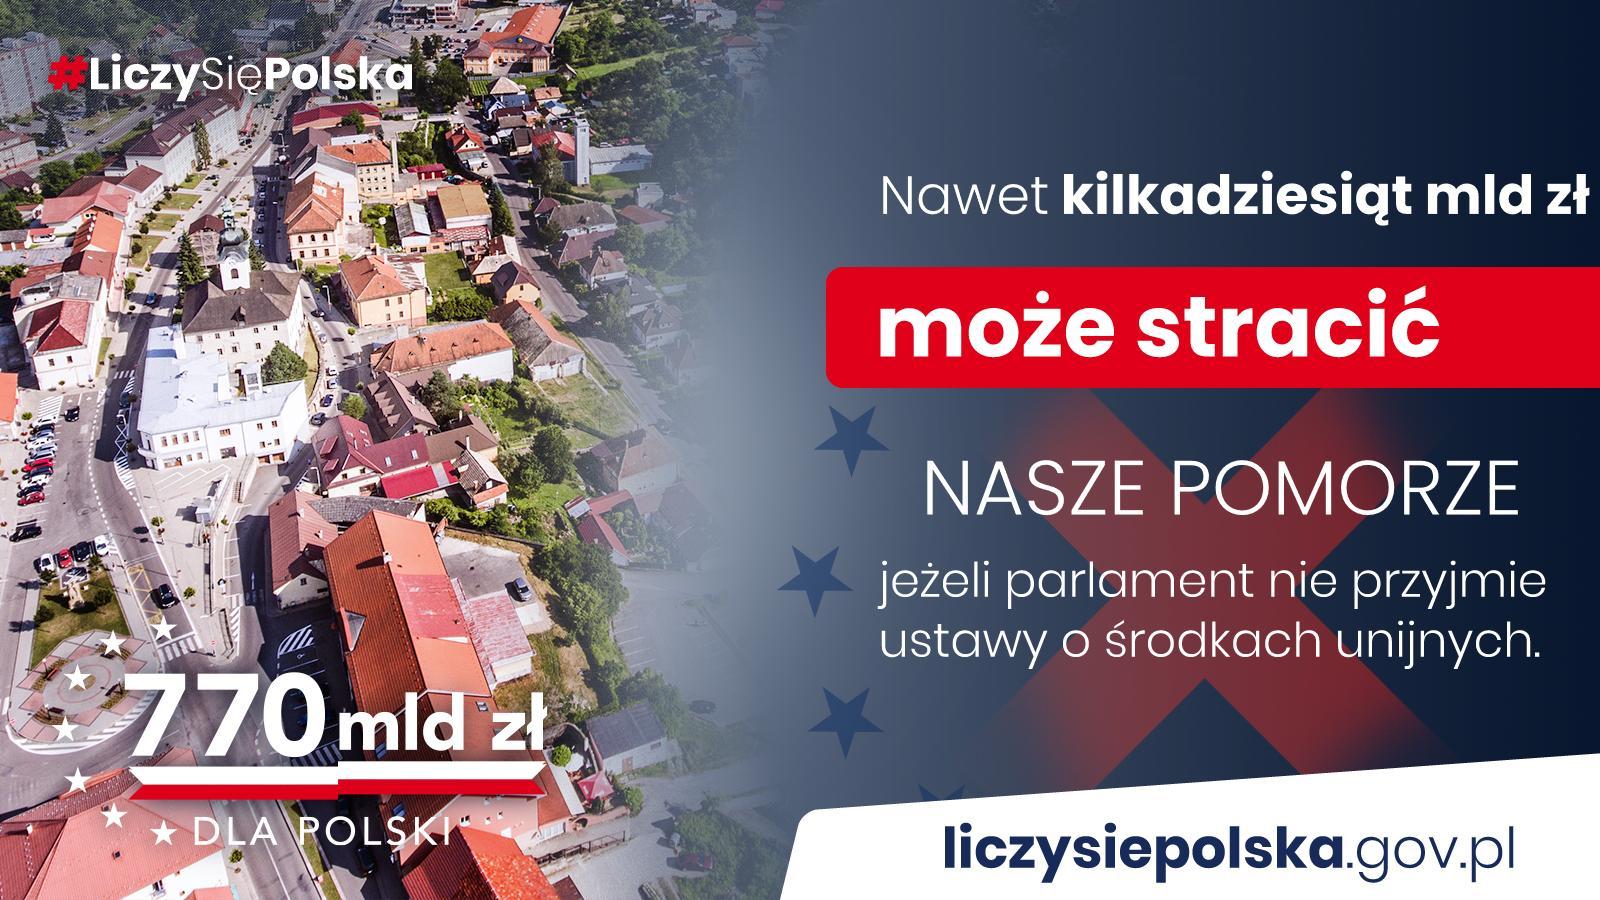 Czy Polskę stać nas na to, aby stracić 770 miliardów złotych!?